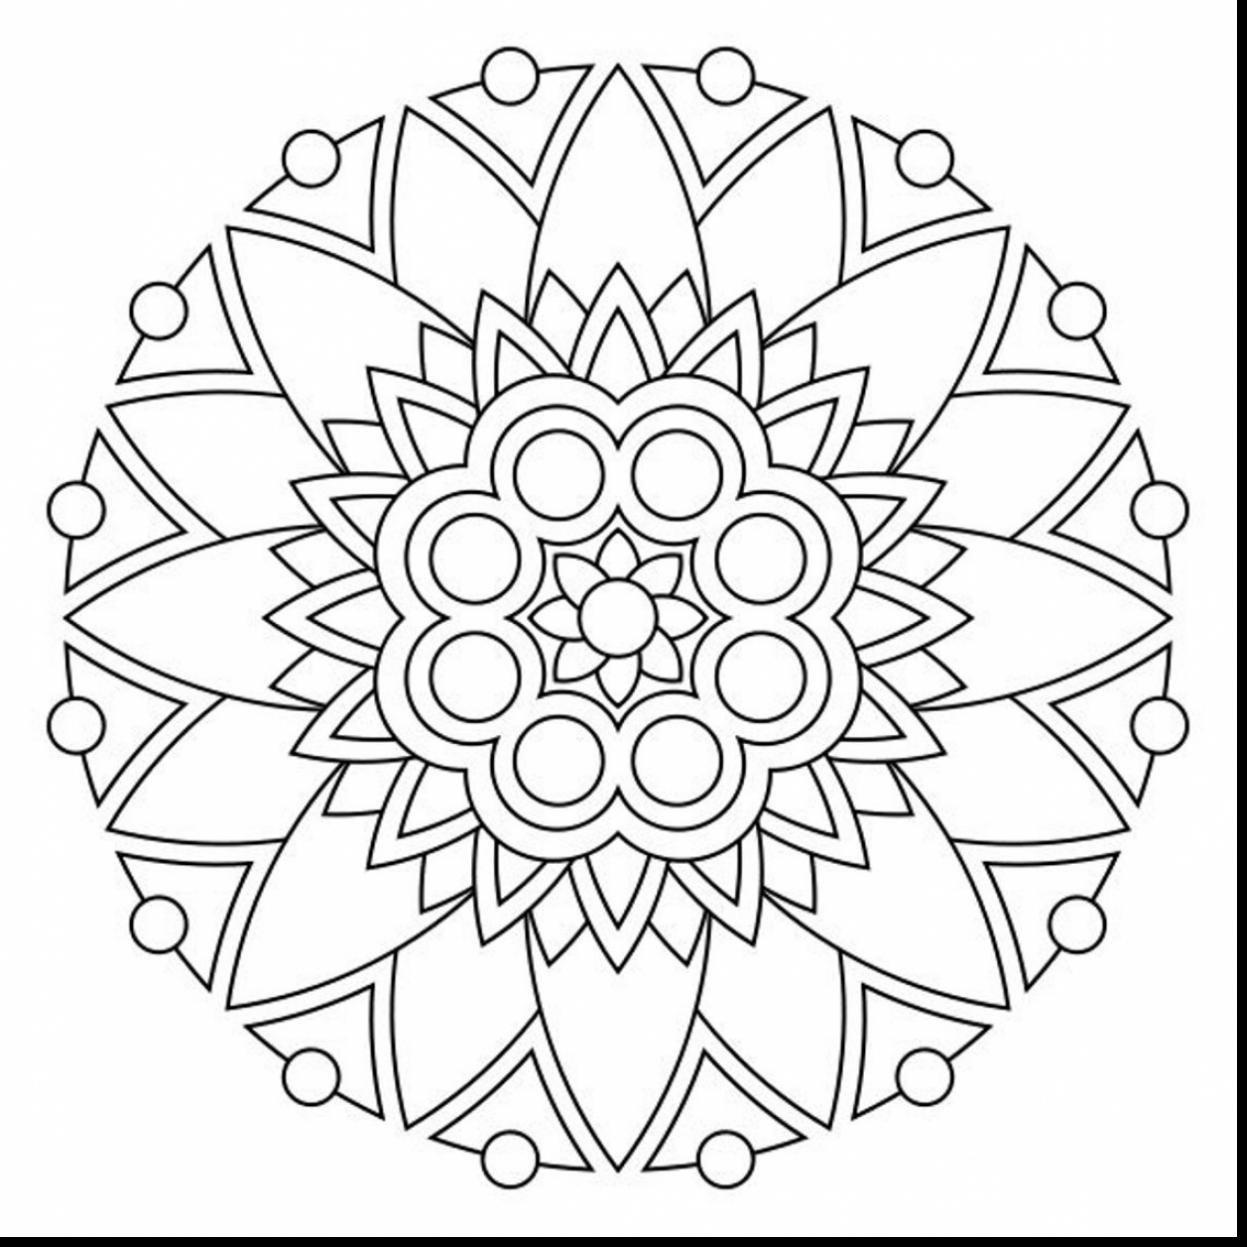 Astonishing Printable Mandala Coloring Pages With Mandala Coloring